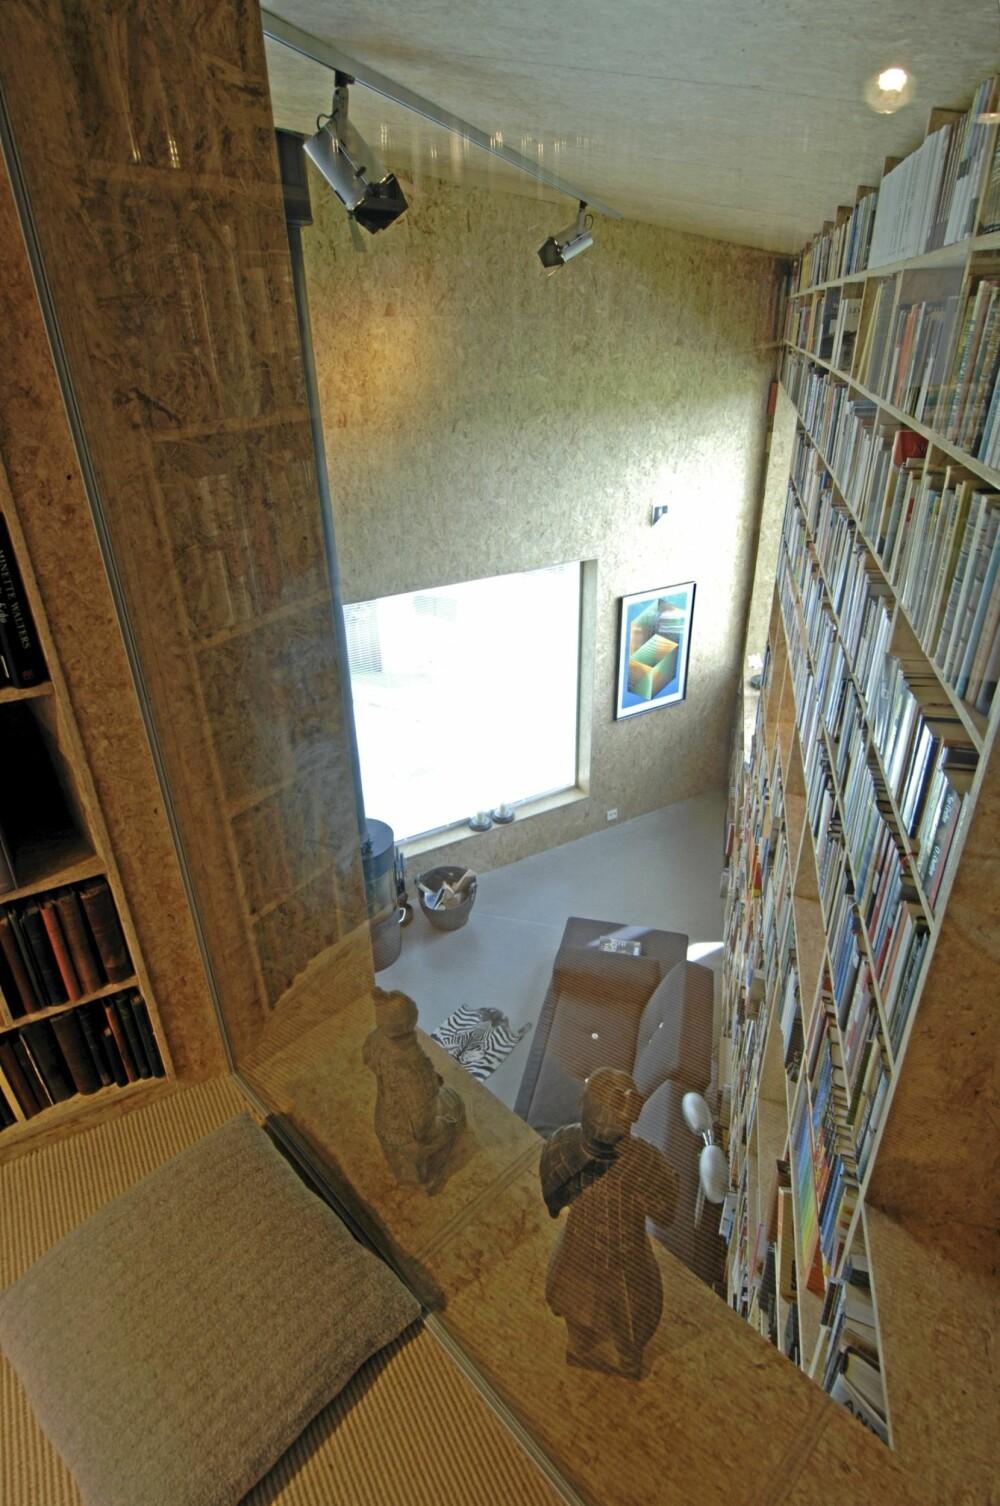 HIMMELSK HØYDE. Det er to fulle etasjehøyder under taket og veggene er kledd med skreddersydde bokhyller.